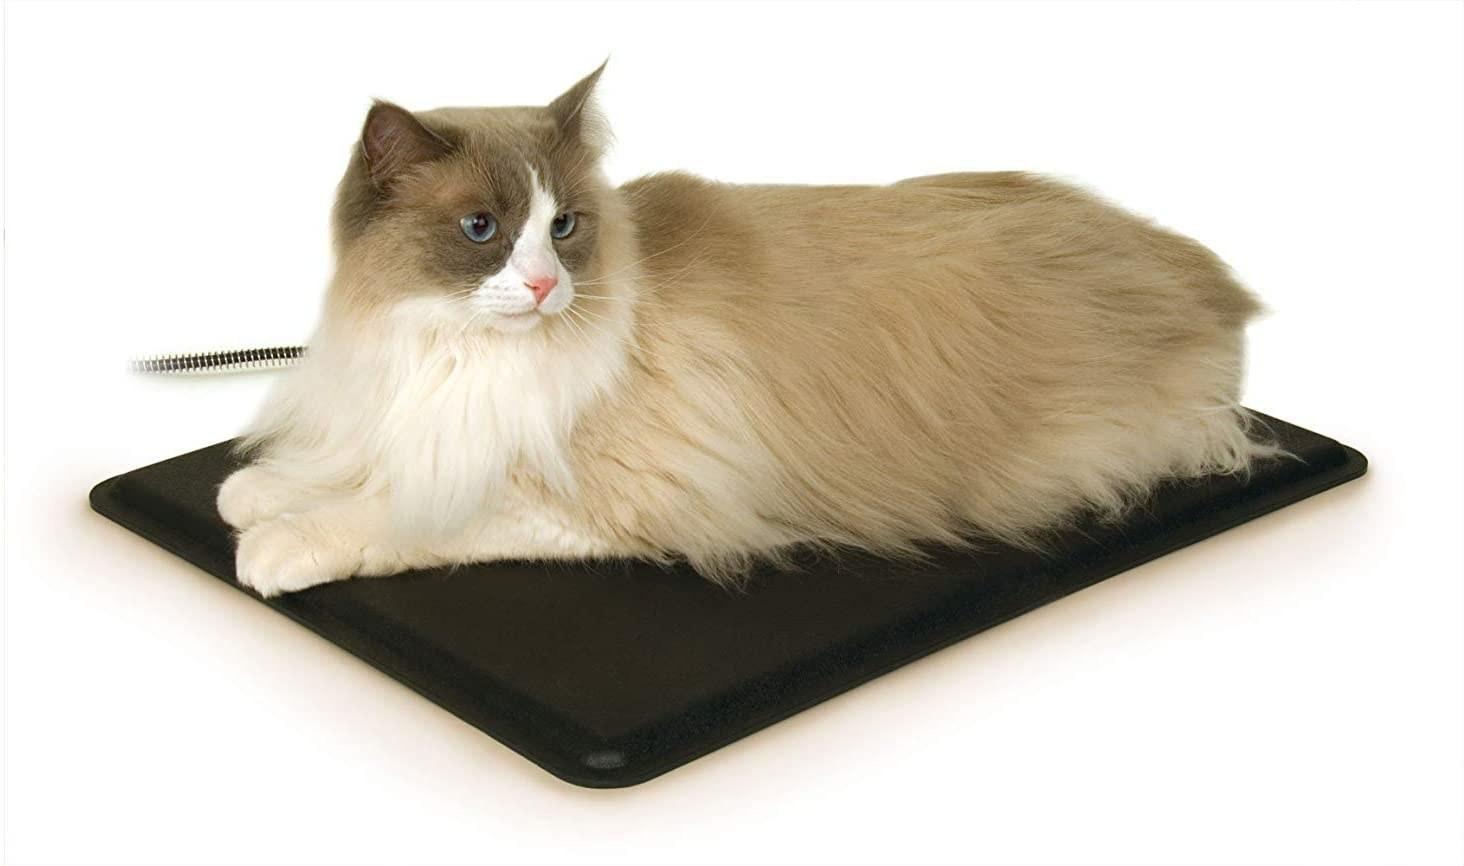 Fluffy cat on the black rectangular mat